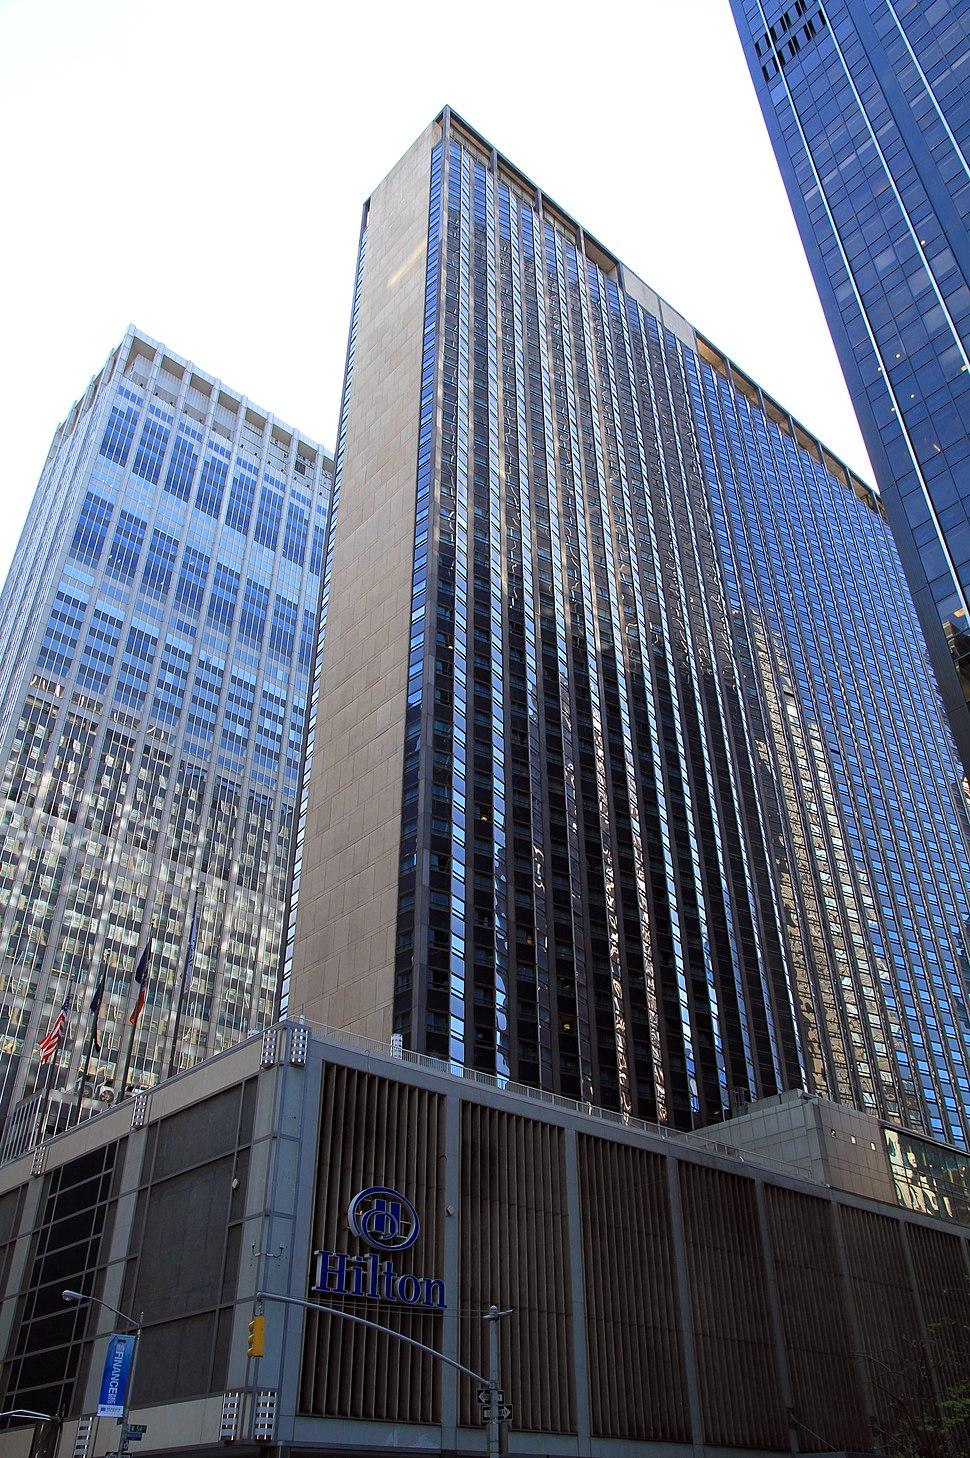 USA-NYC-Hilton Hotel